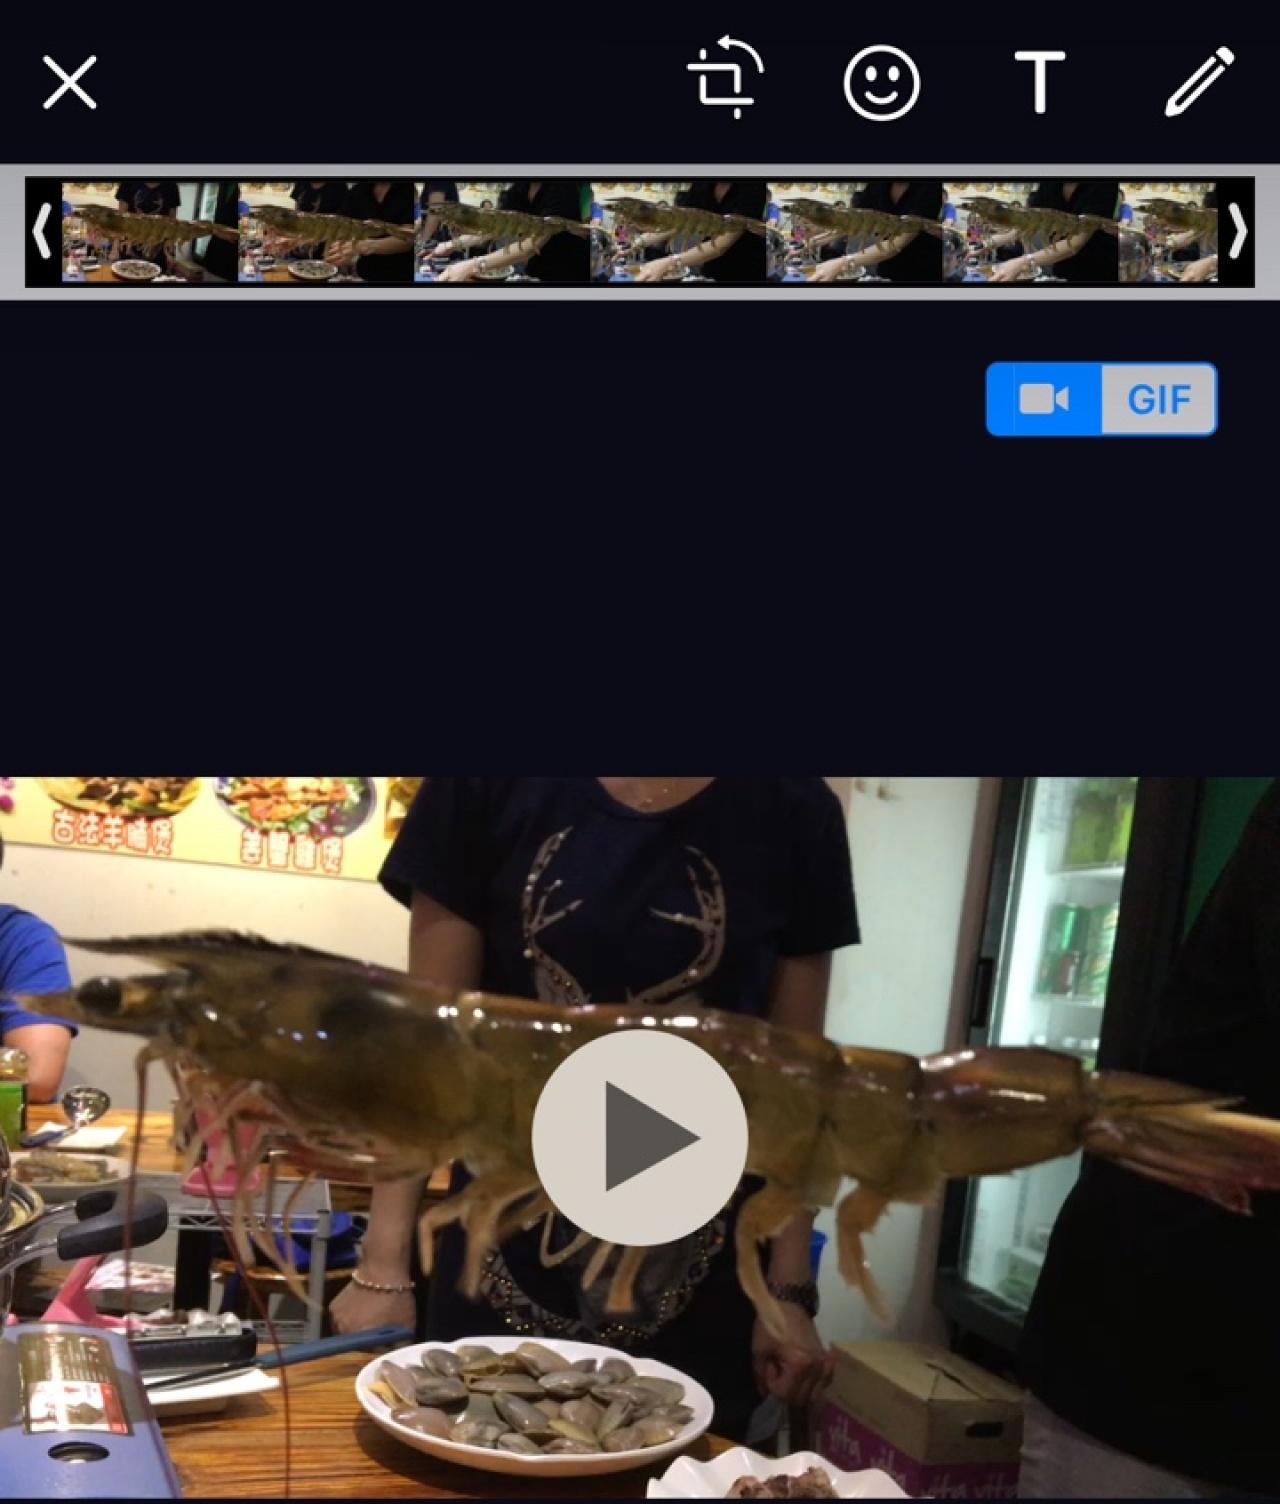 選取右上方的「GIF」,可將6秒以下的影片變成GIF傳送。